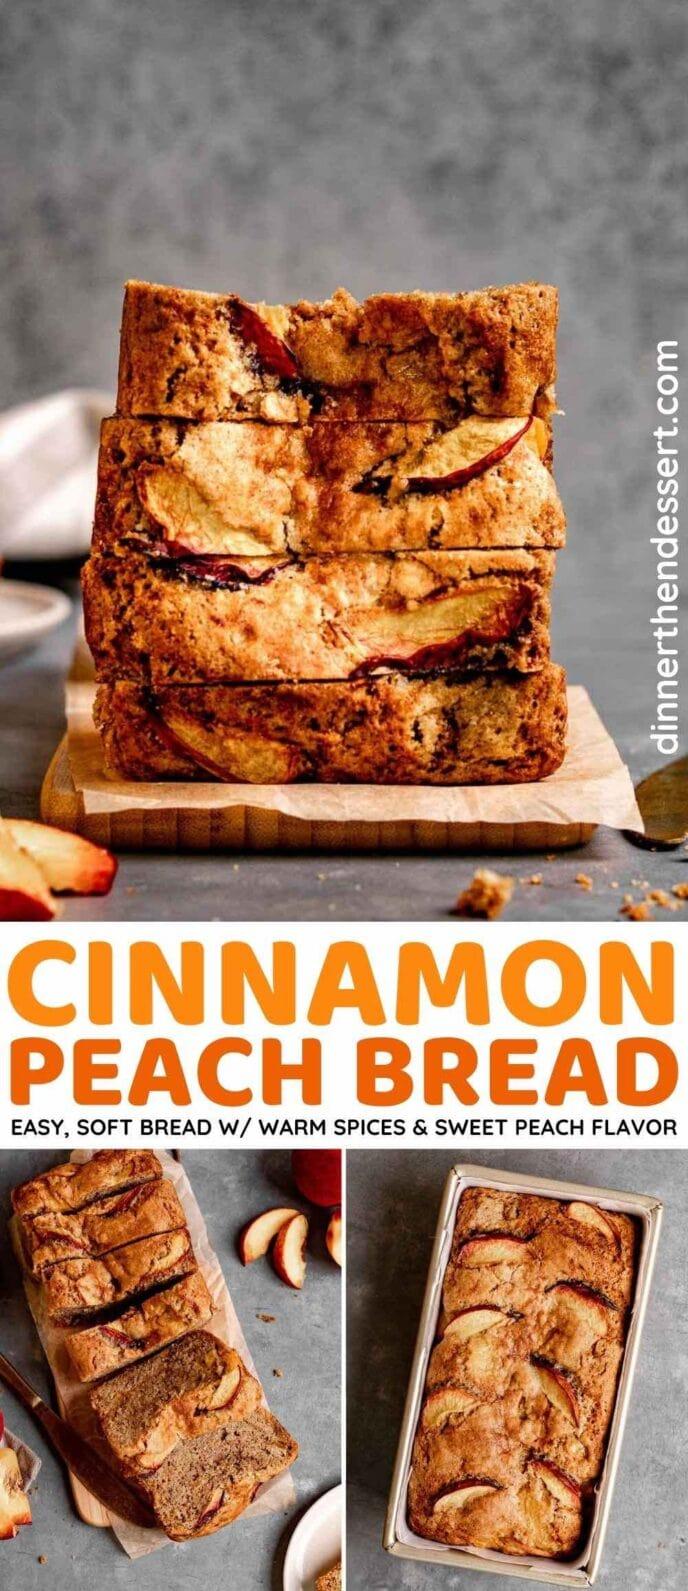 Cinnamon Peach Bread collage